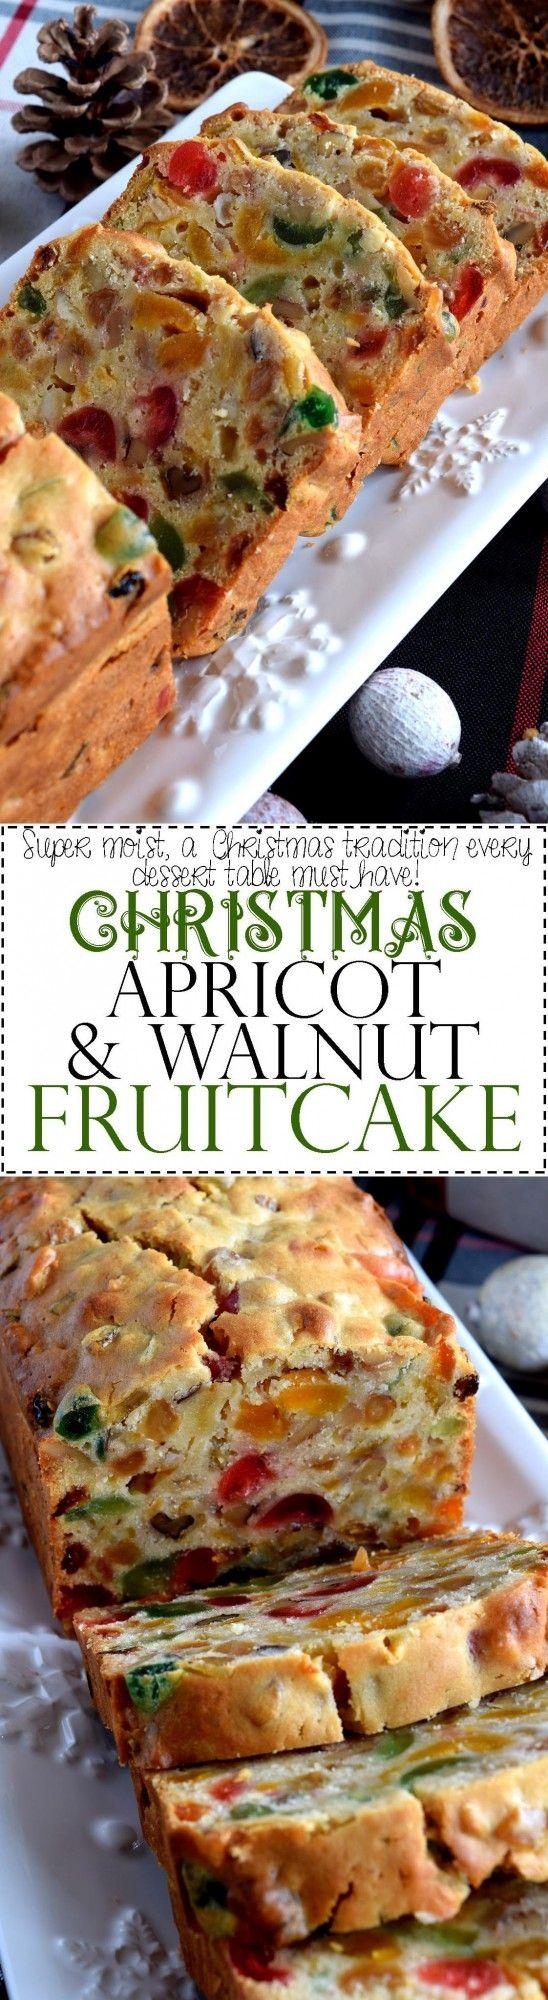 Christmas Apricot and Walnut Fruitcake - Lord Byron's Kitchen